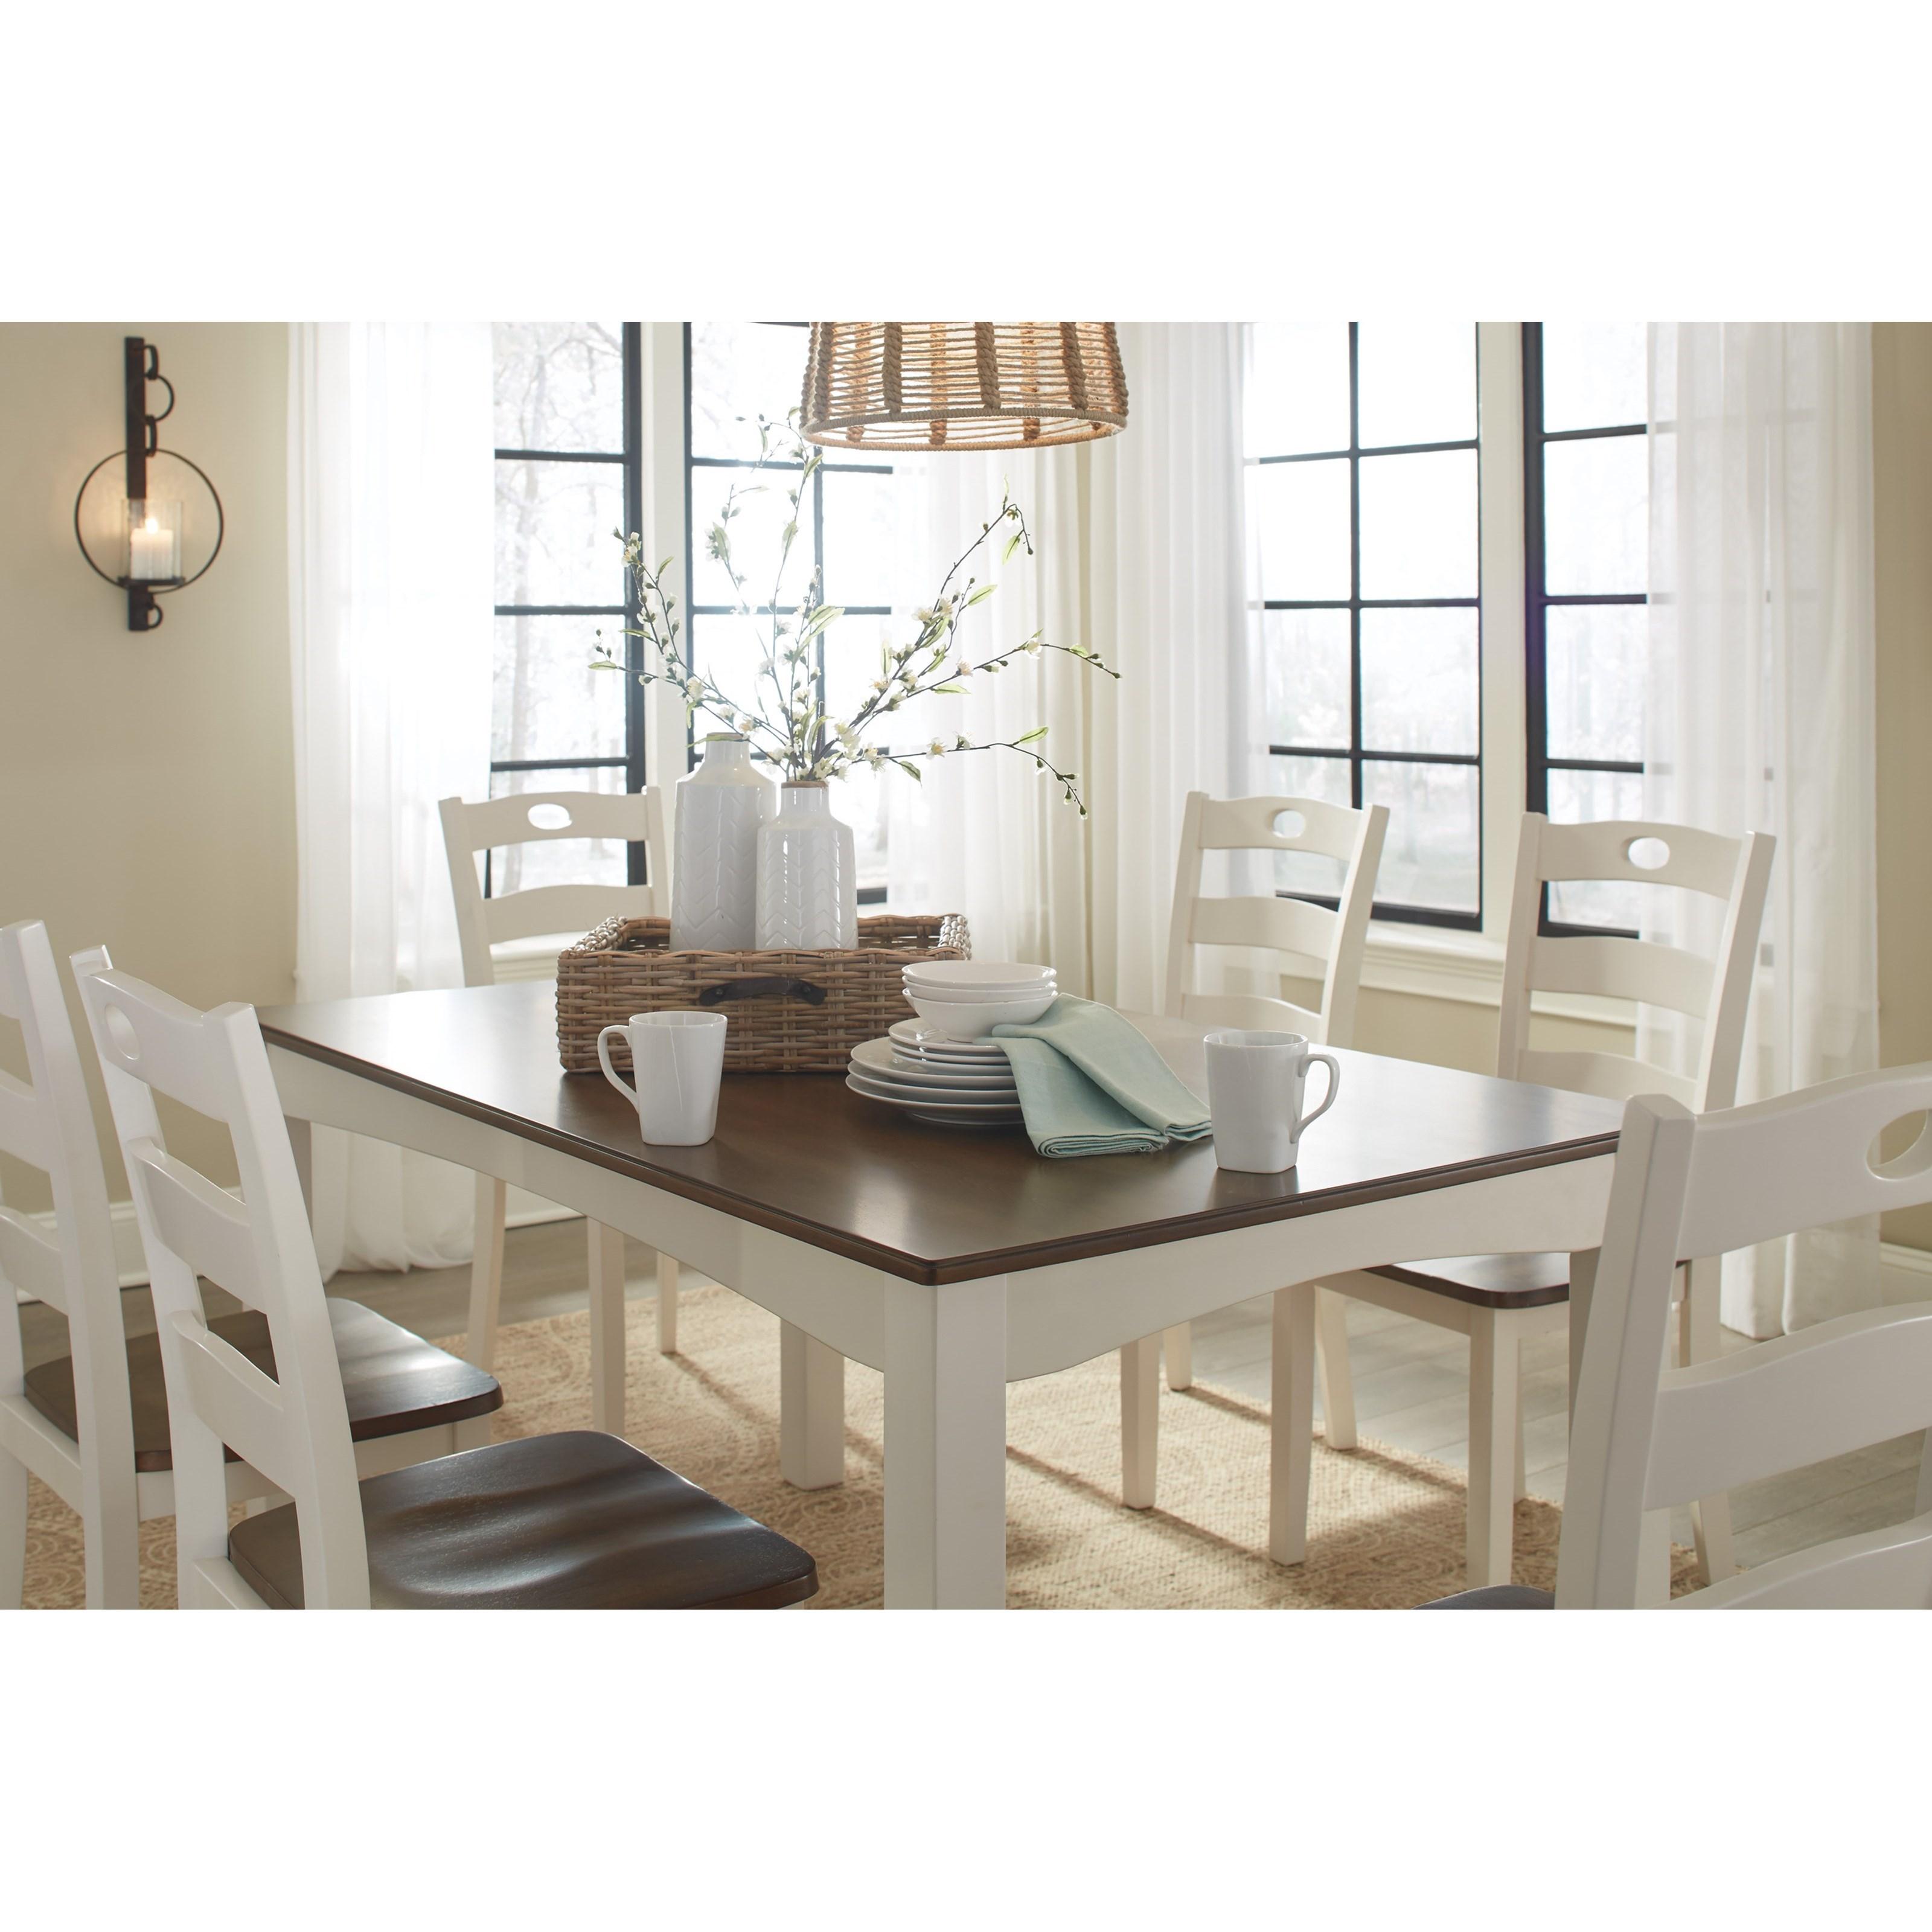 Woodanville Dining Room Set